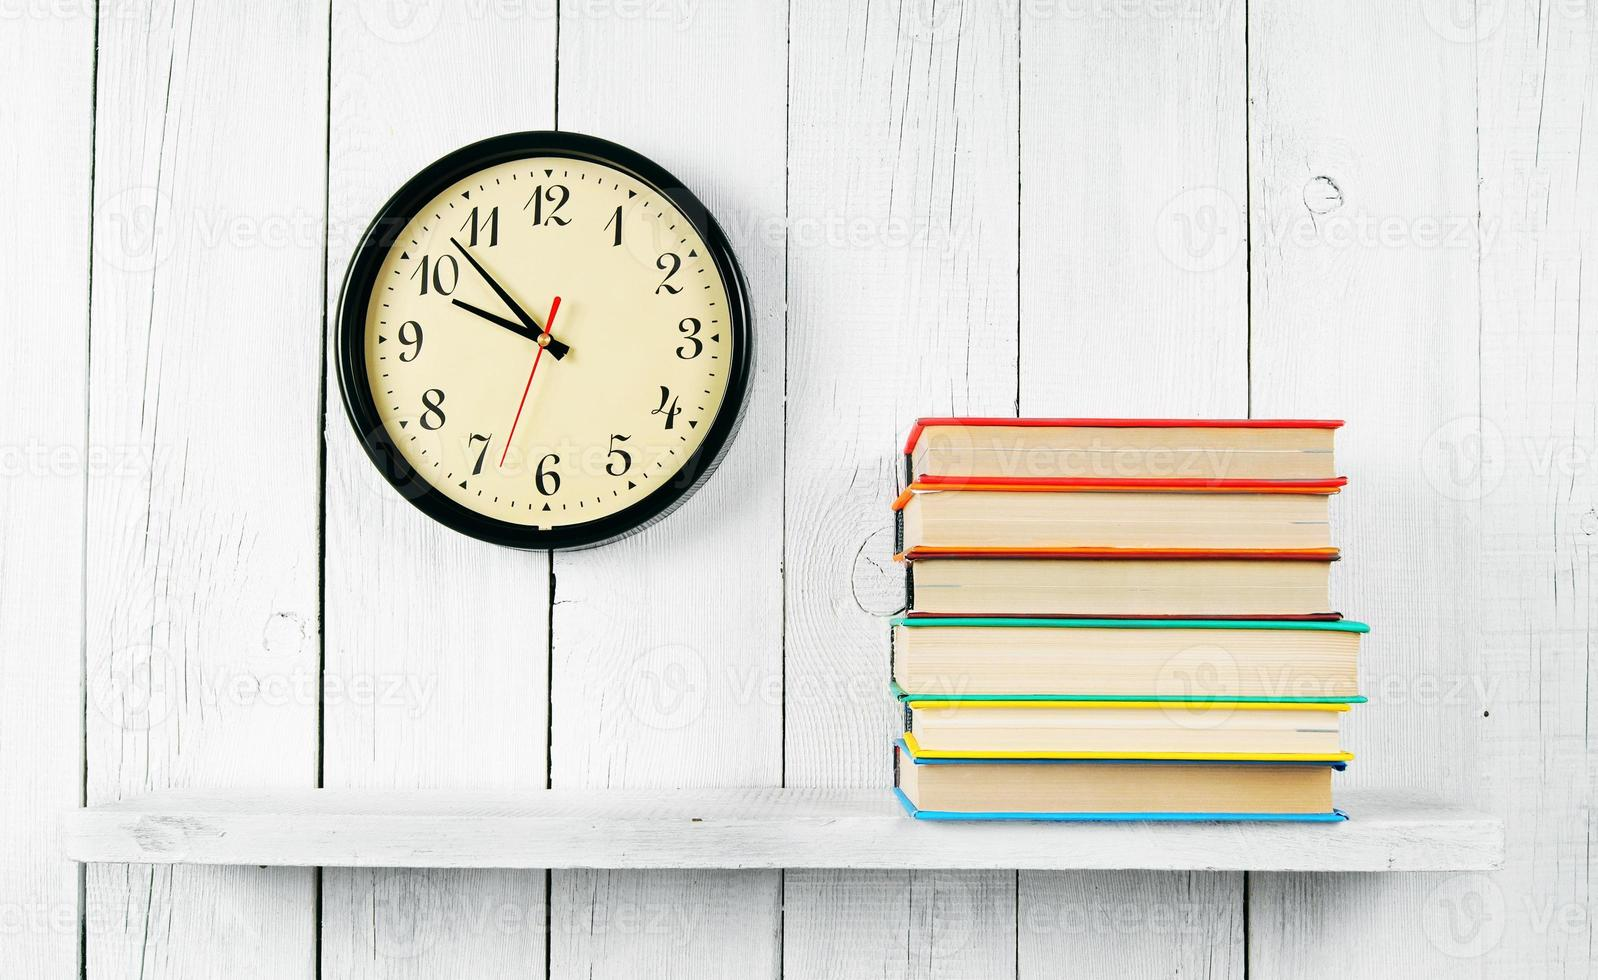 montres et livres sur une étagère en bois. photo